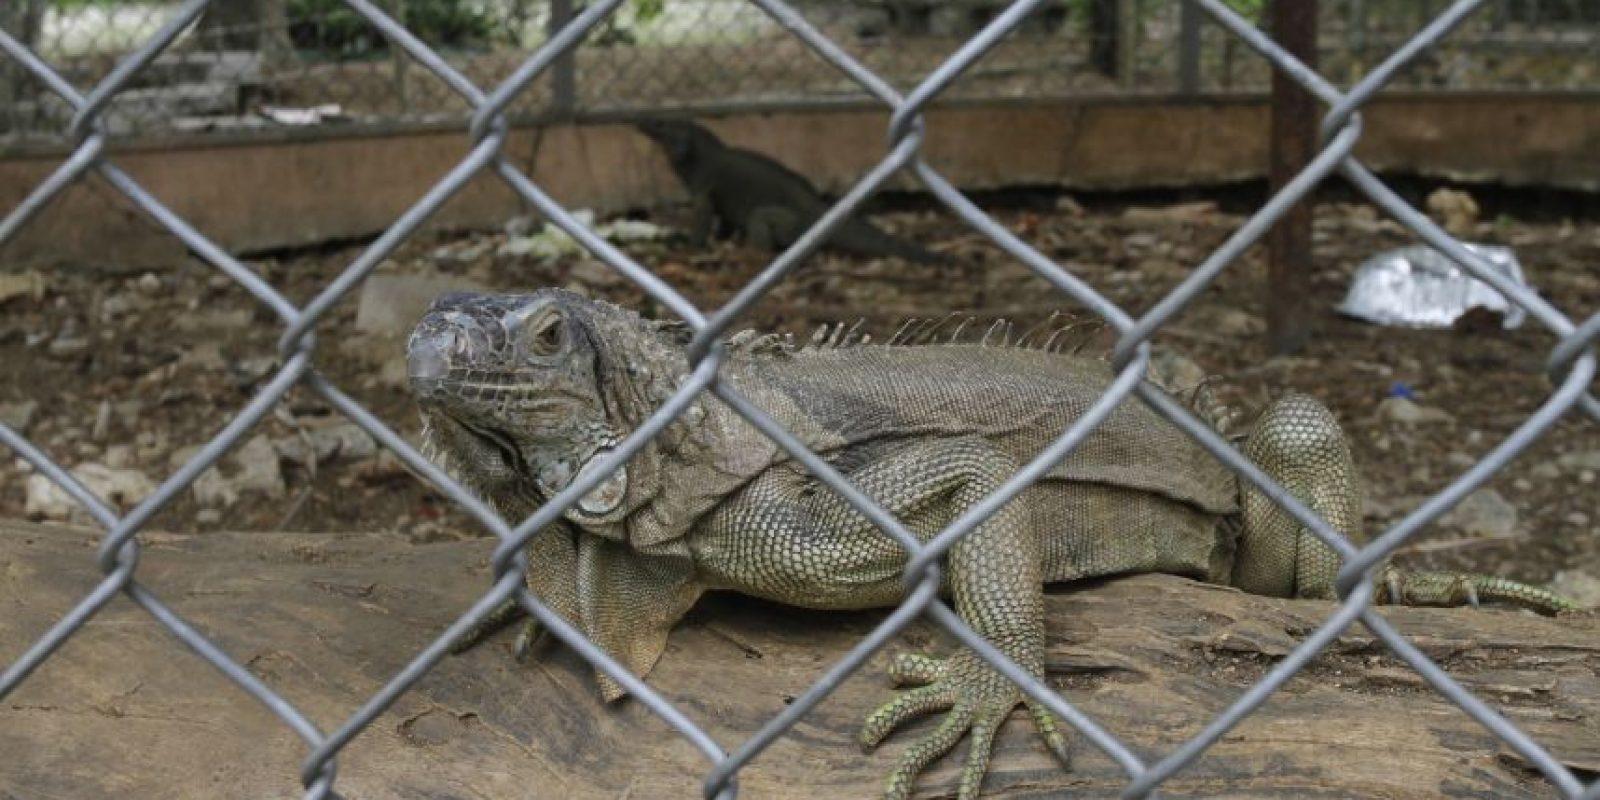 Esta iguana es parte de los atractivos que aún conserva el parque. Foto:Roberto Guzmán